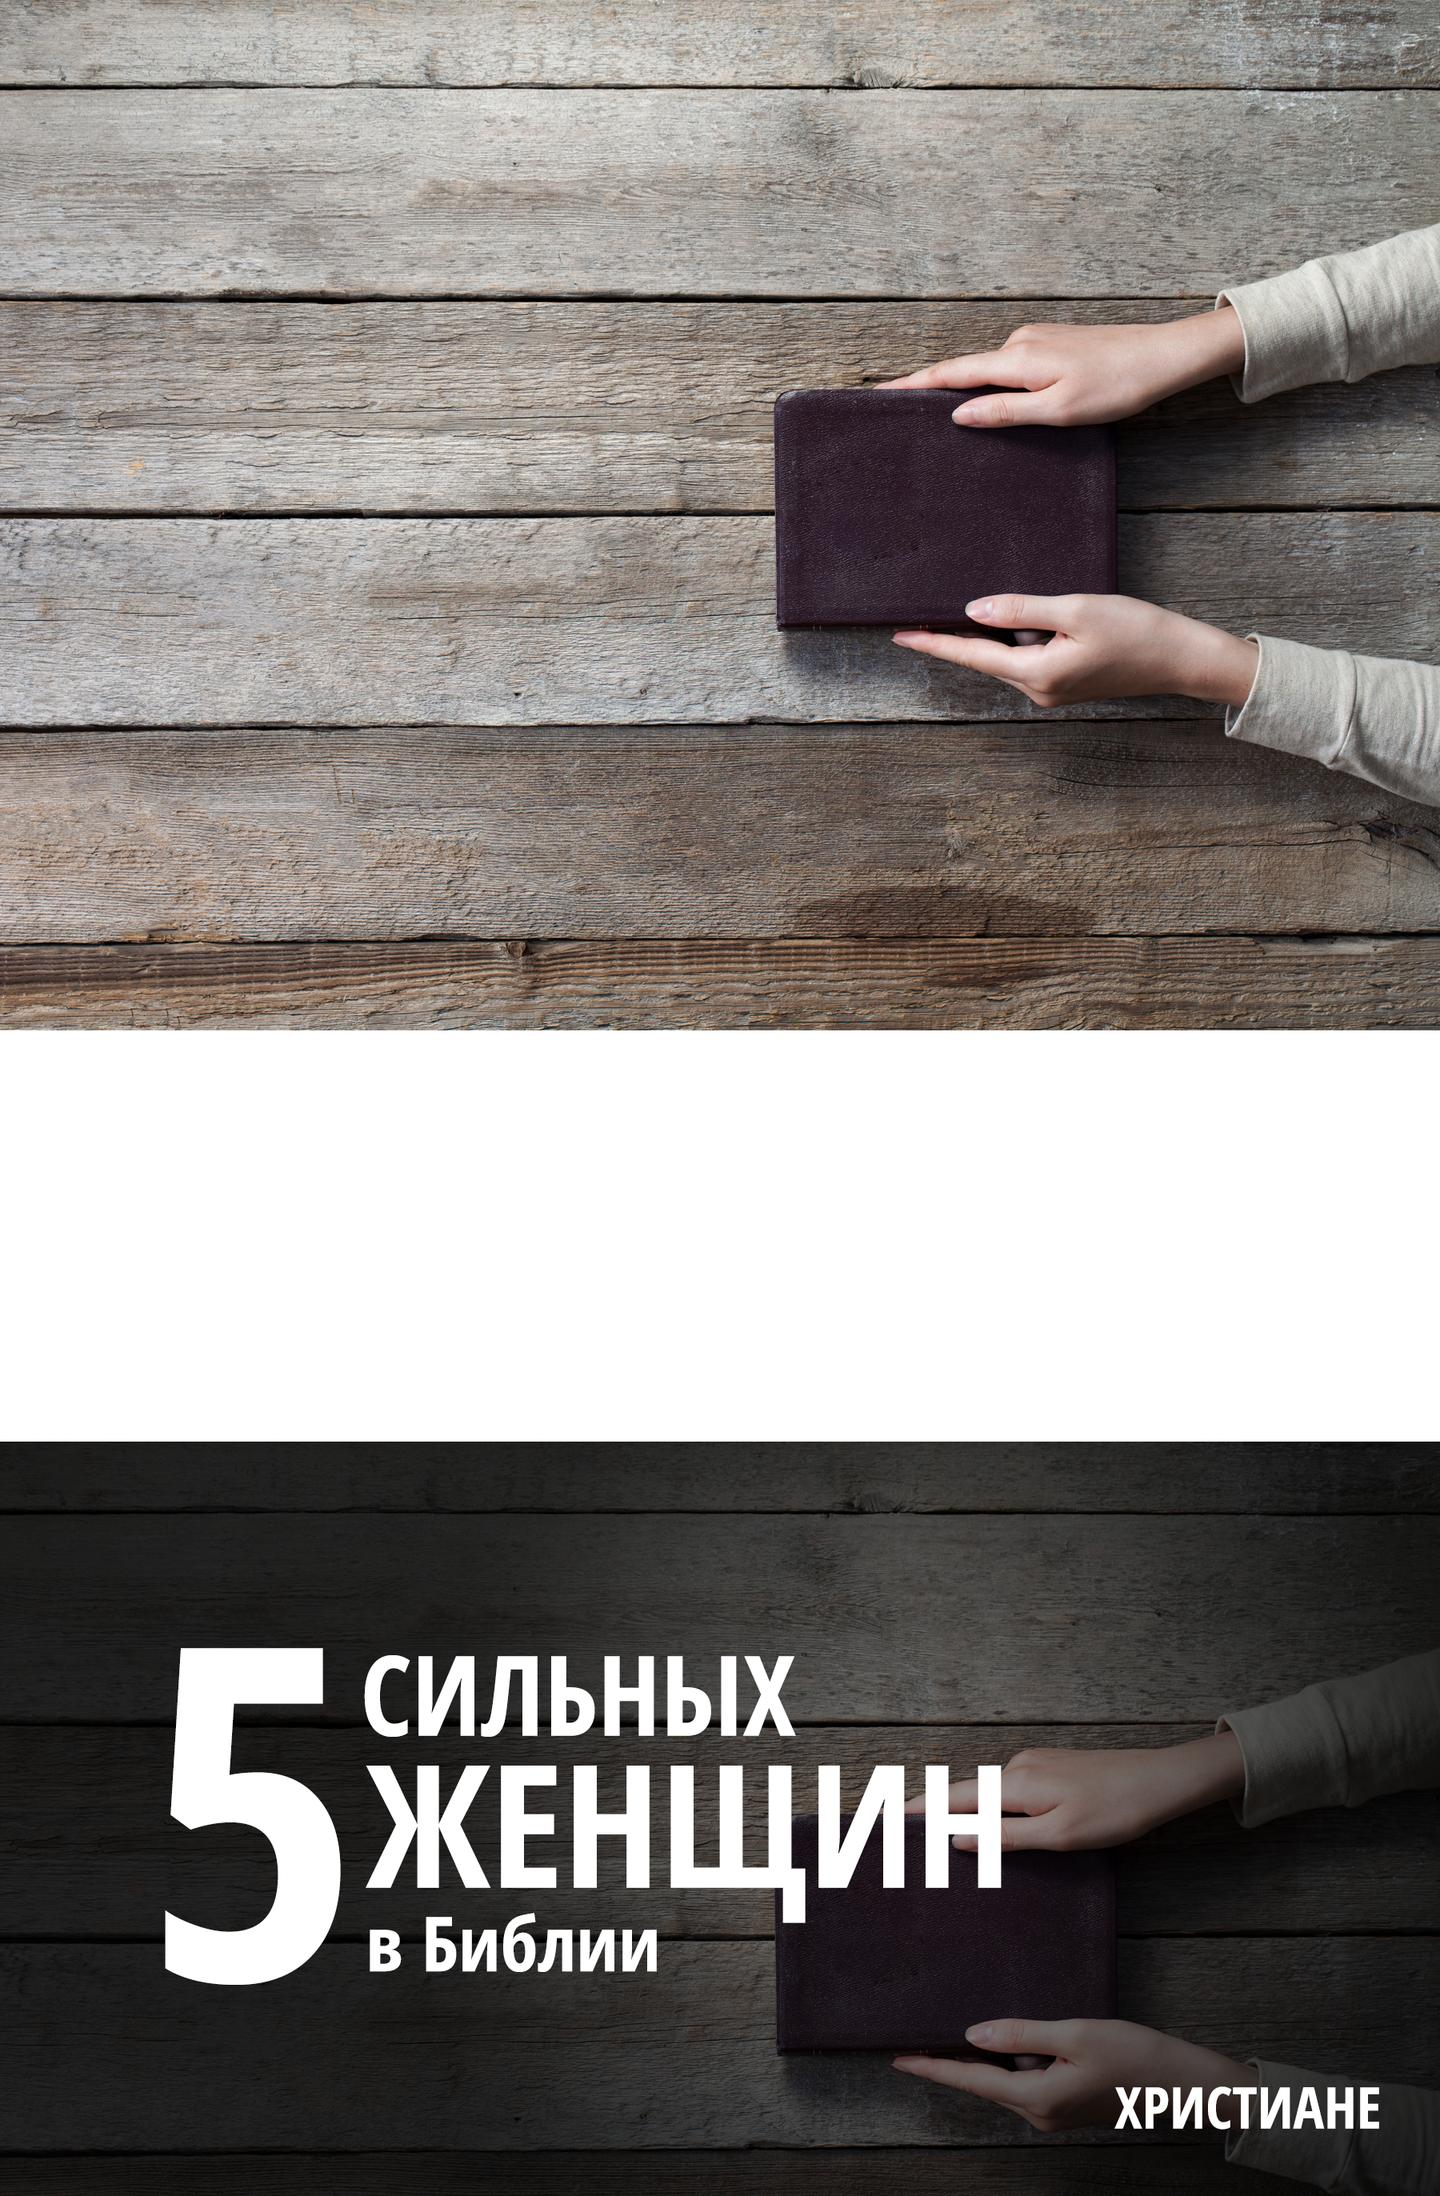 Пять коротких библейских историй о сильных женщинах